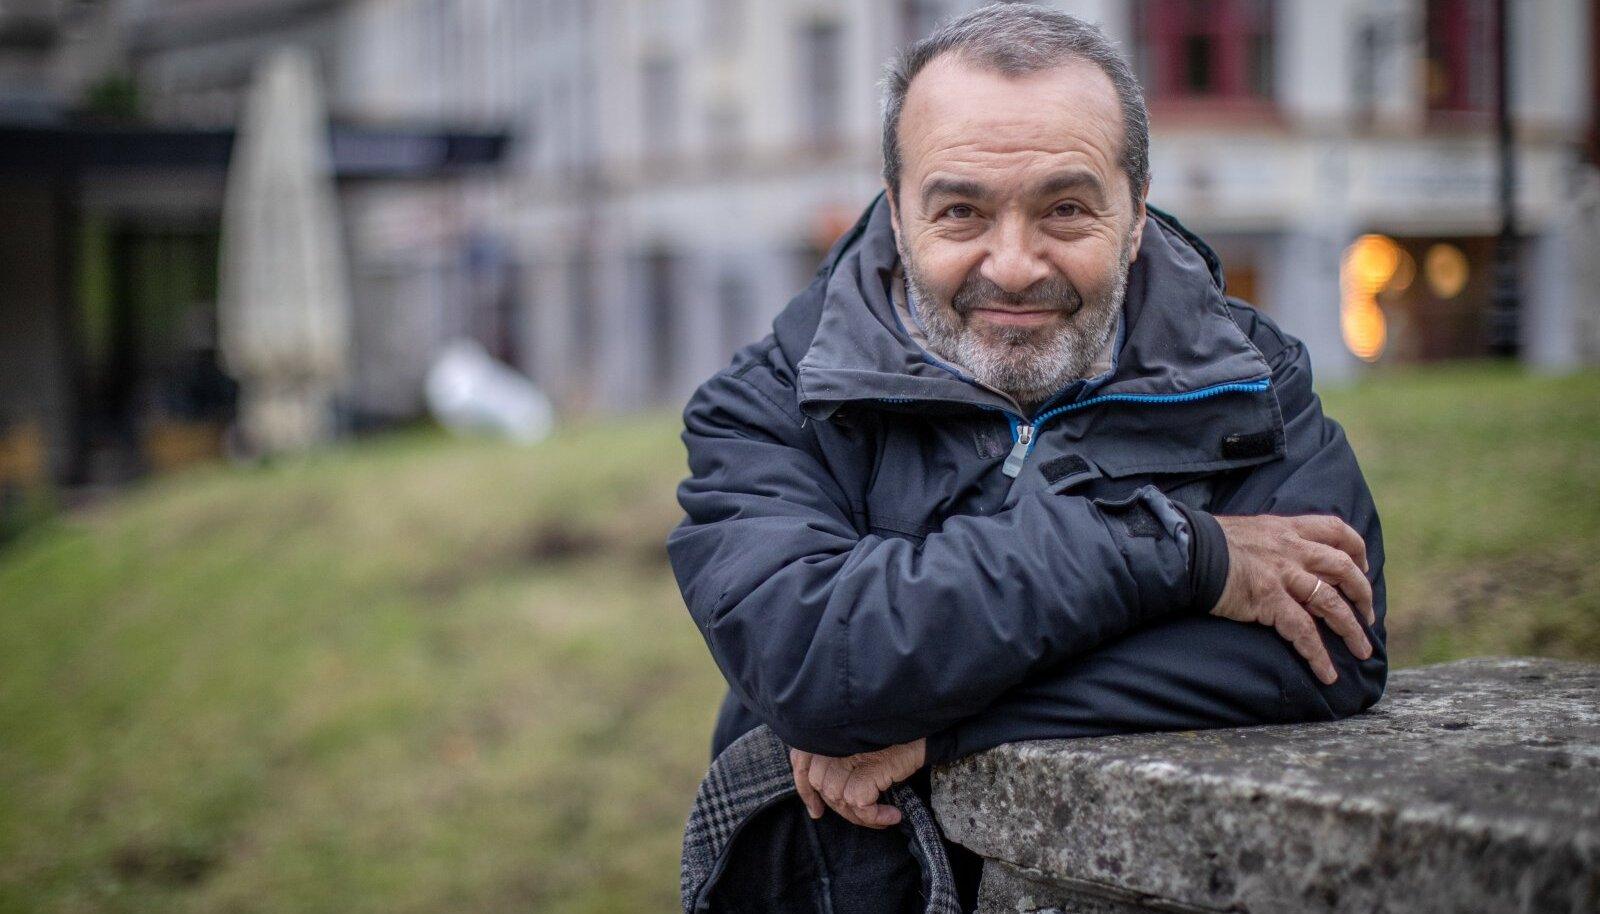 Писатель и журналист Виктор Шендерович в Таллинне